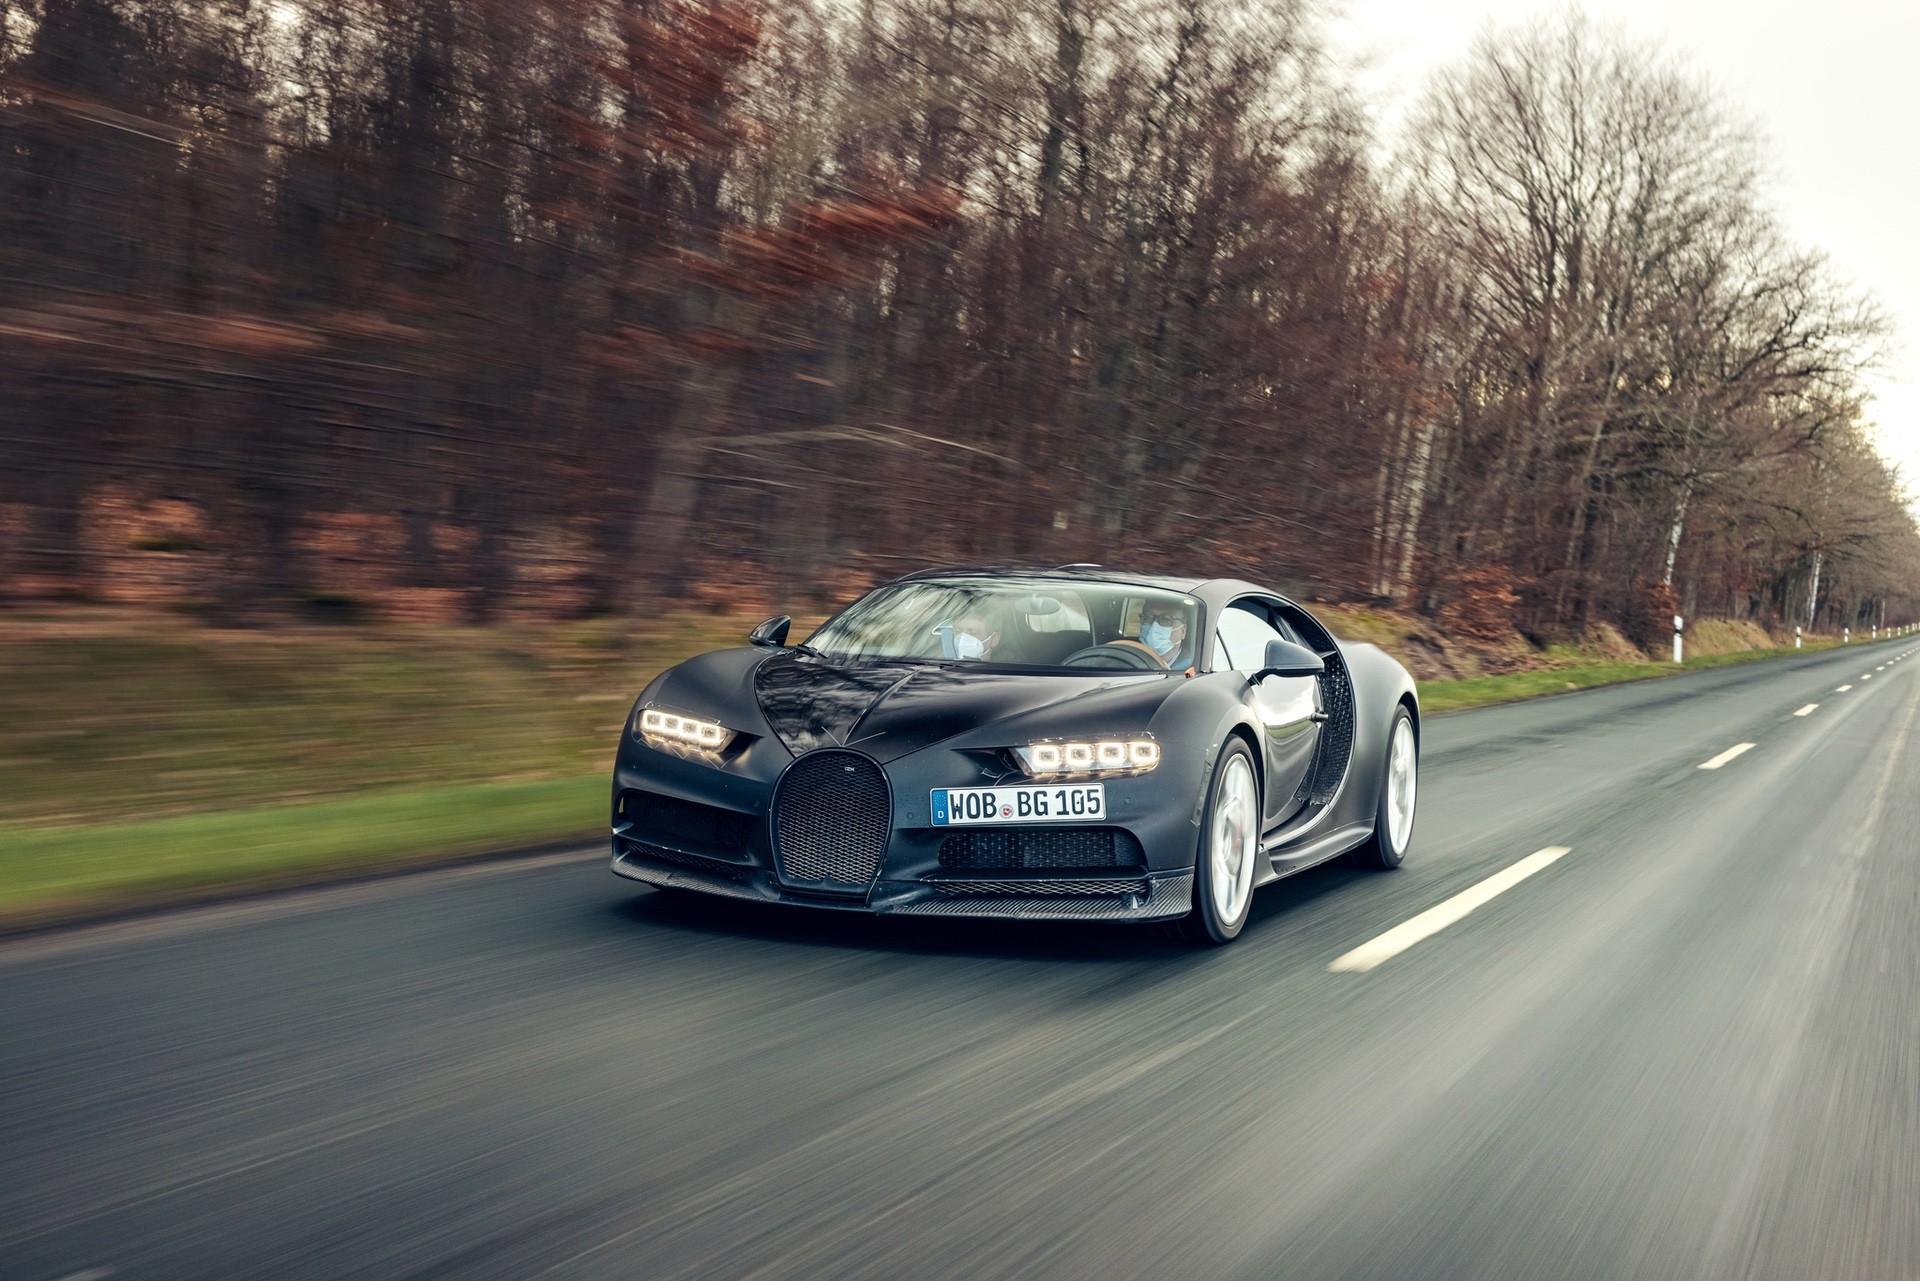 Bugatti_Chiron_Prototype_4-005-0000